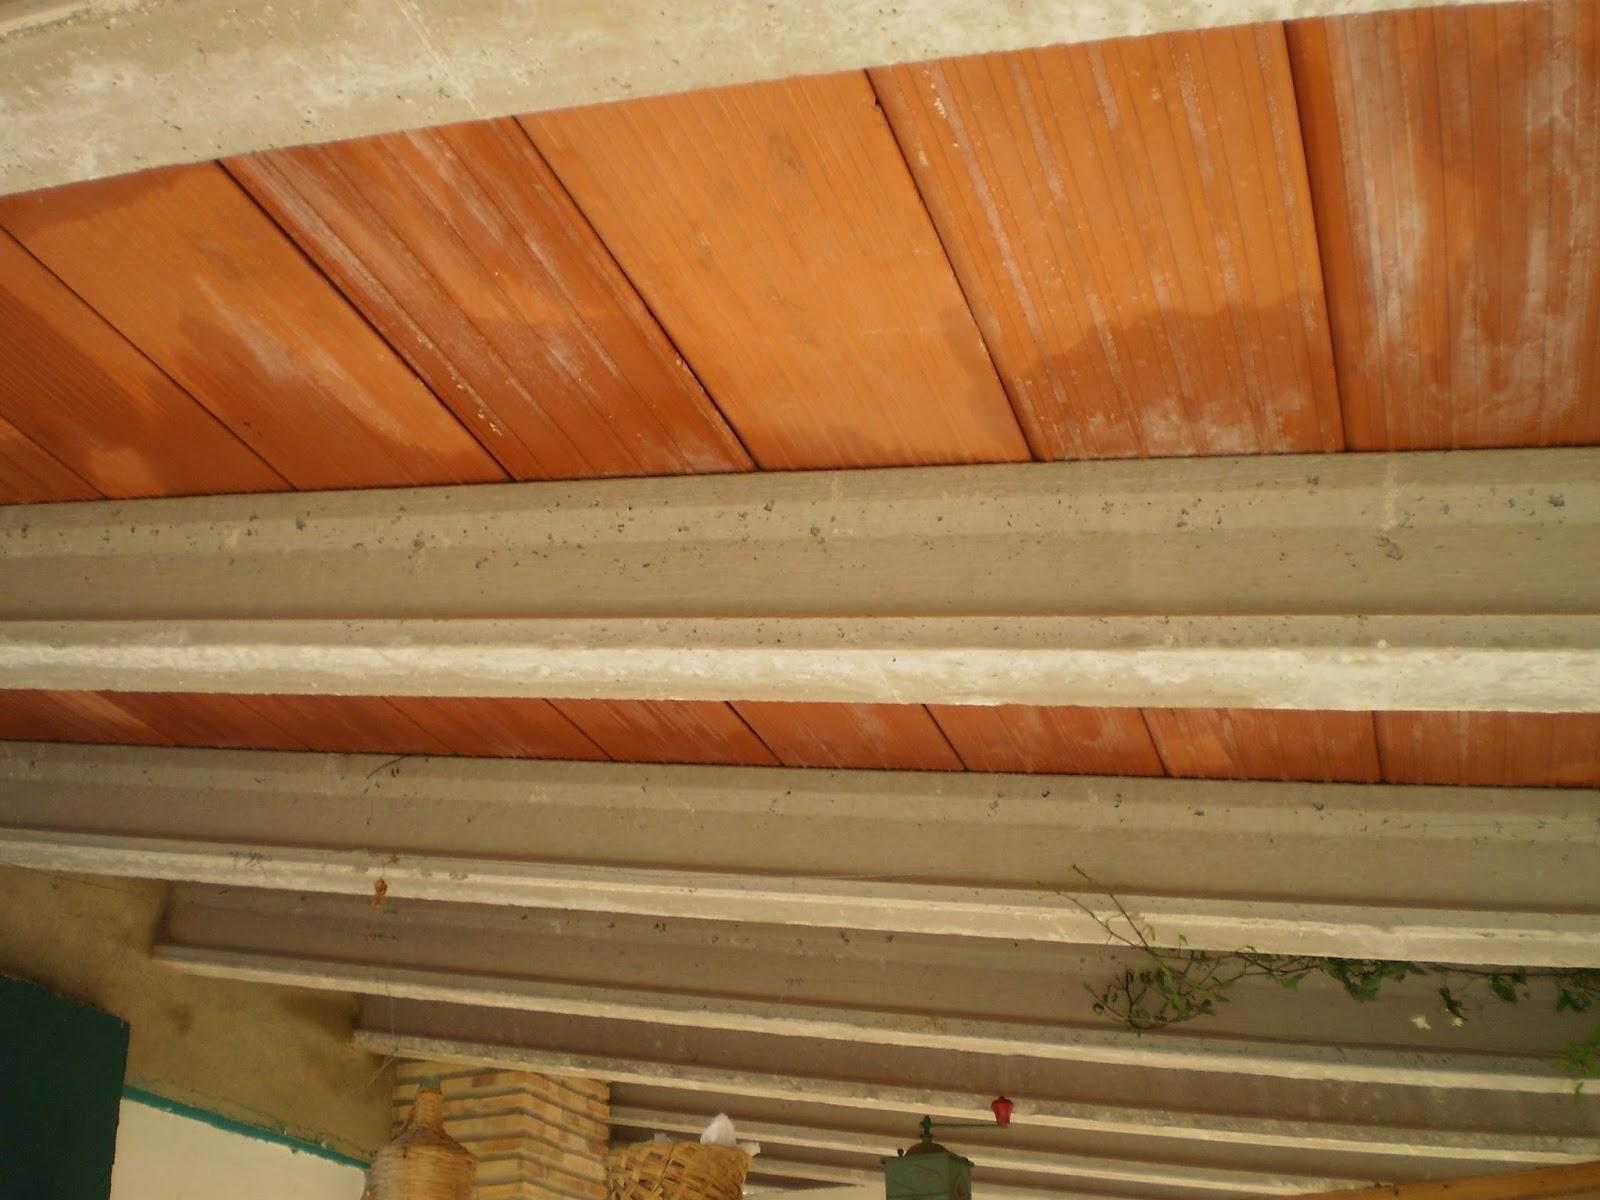 El blog de la elena un blog dulce divertido y entretenido viguetas de cemento imitaci n madera - Cambiar vigas de madera ...